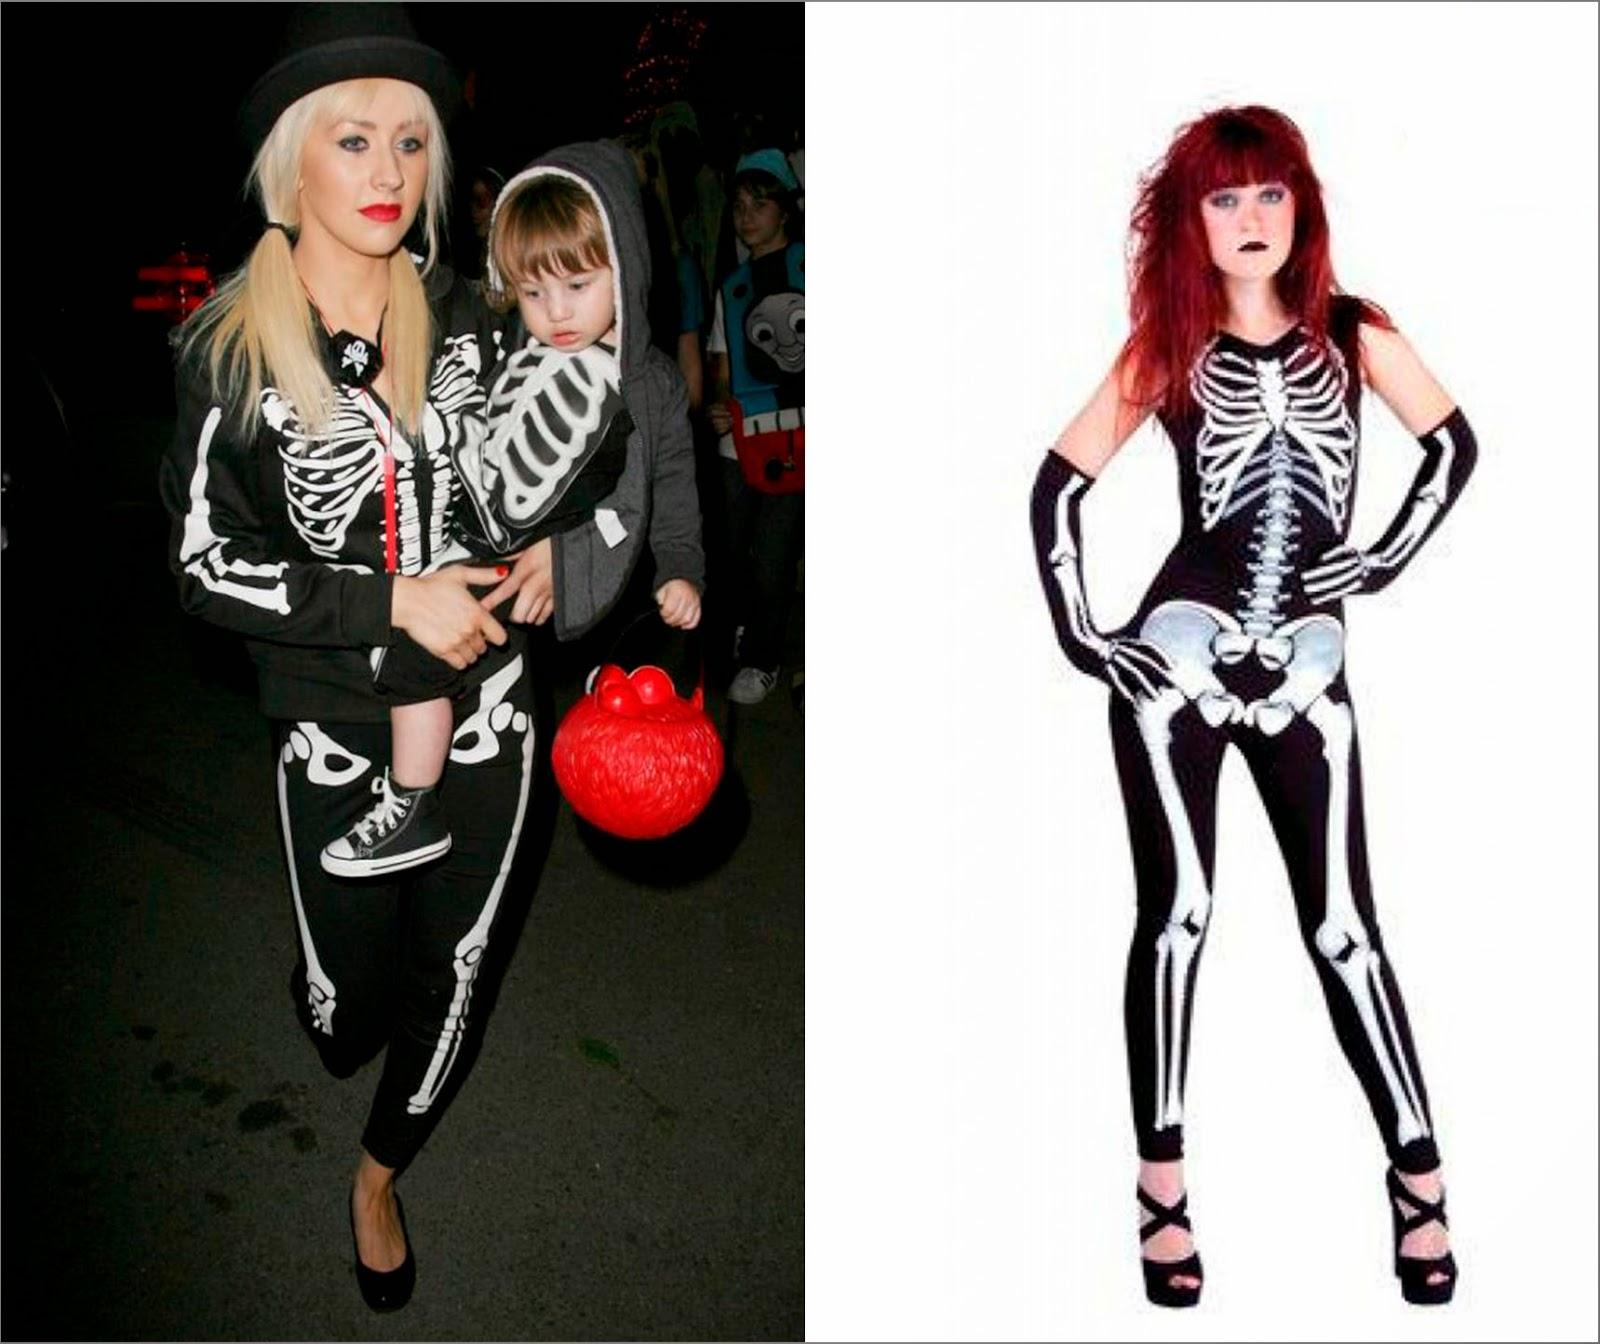 Lujo Como Hacer Disfraces Para Halloween Coleccin Ideas de